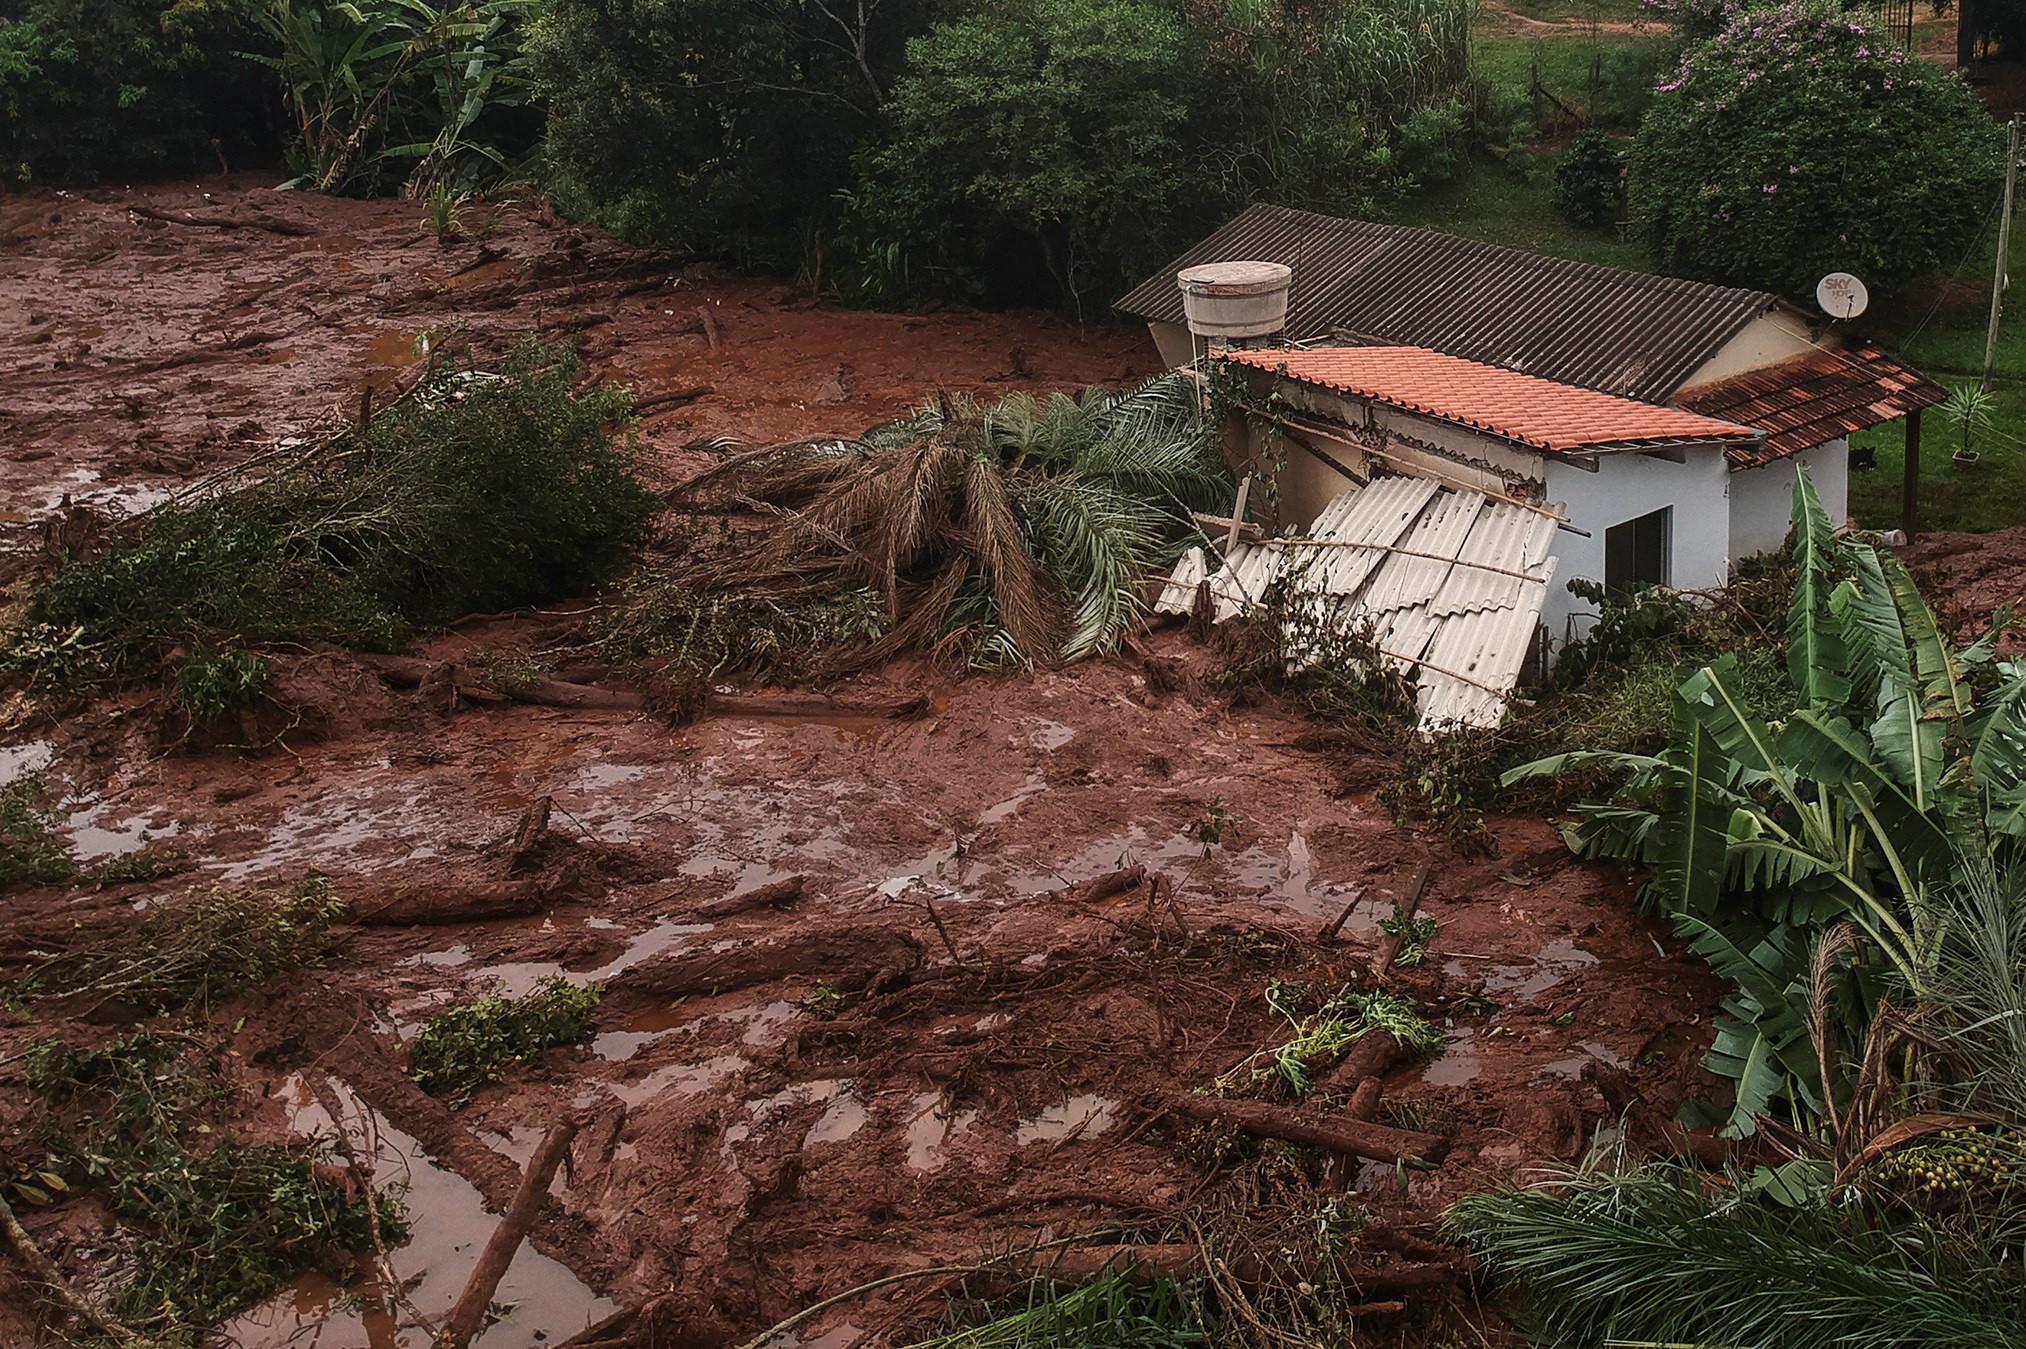 Número de mortos em rutura de barragem no Brasil volta a subir